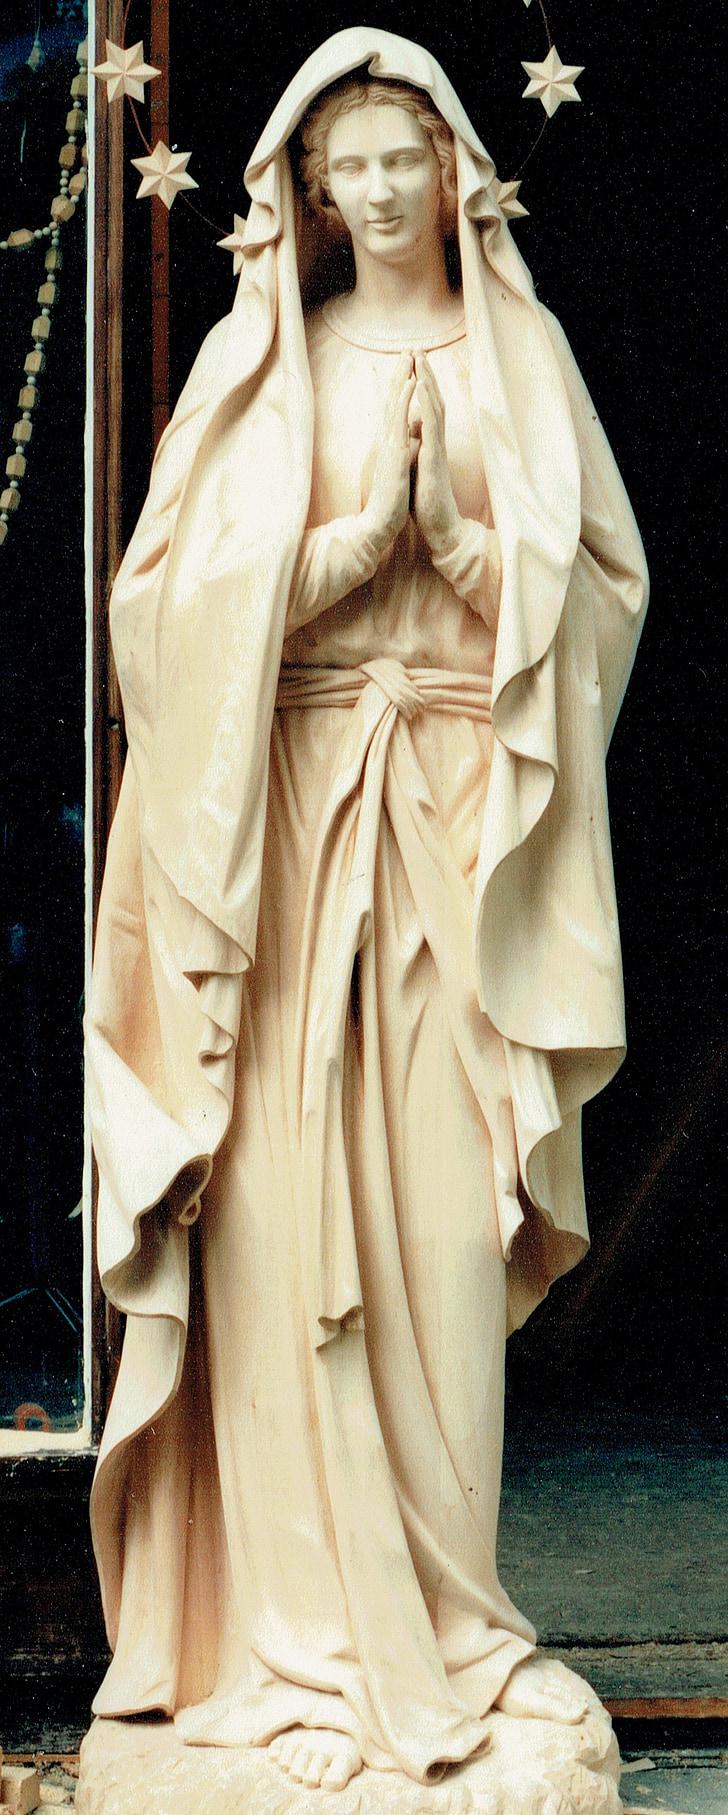 거룩한 마리아, 마리아, 마돈나, 거룩한, 기독교, 그림, 성모 마리아